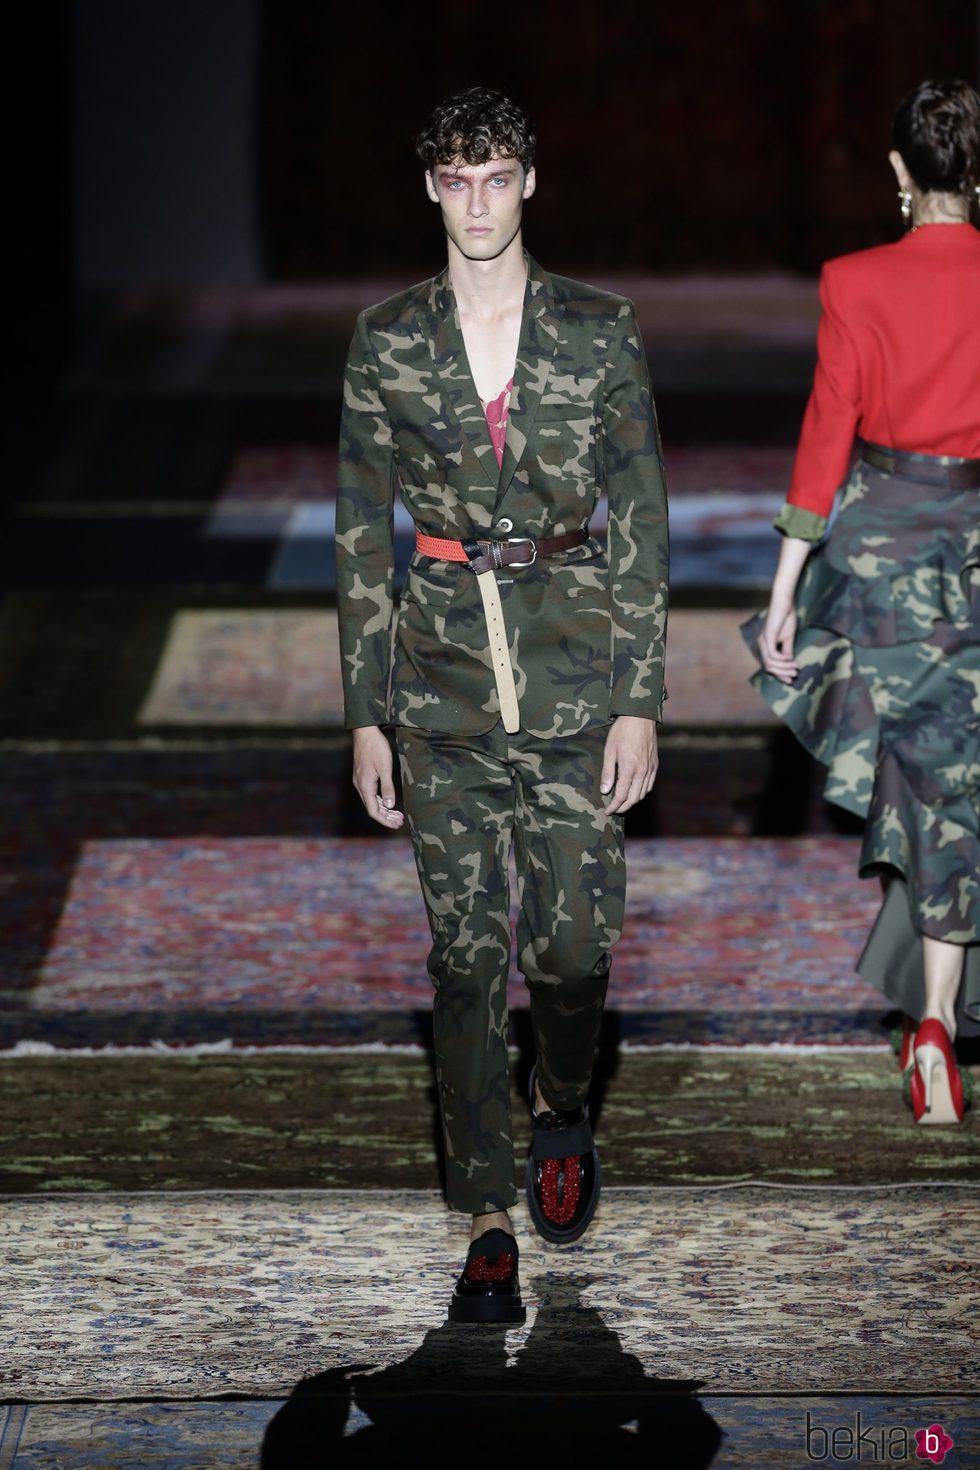 Traje de camuflaje de Ana Locking primavera/verano 2017 en la Madrid Fashion Week